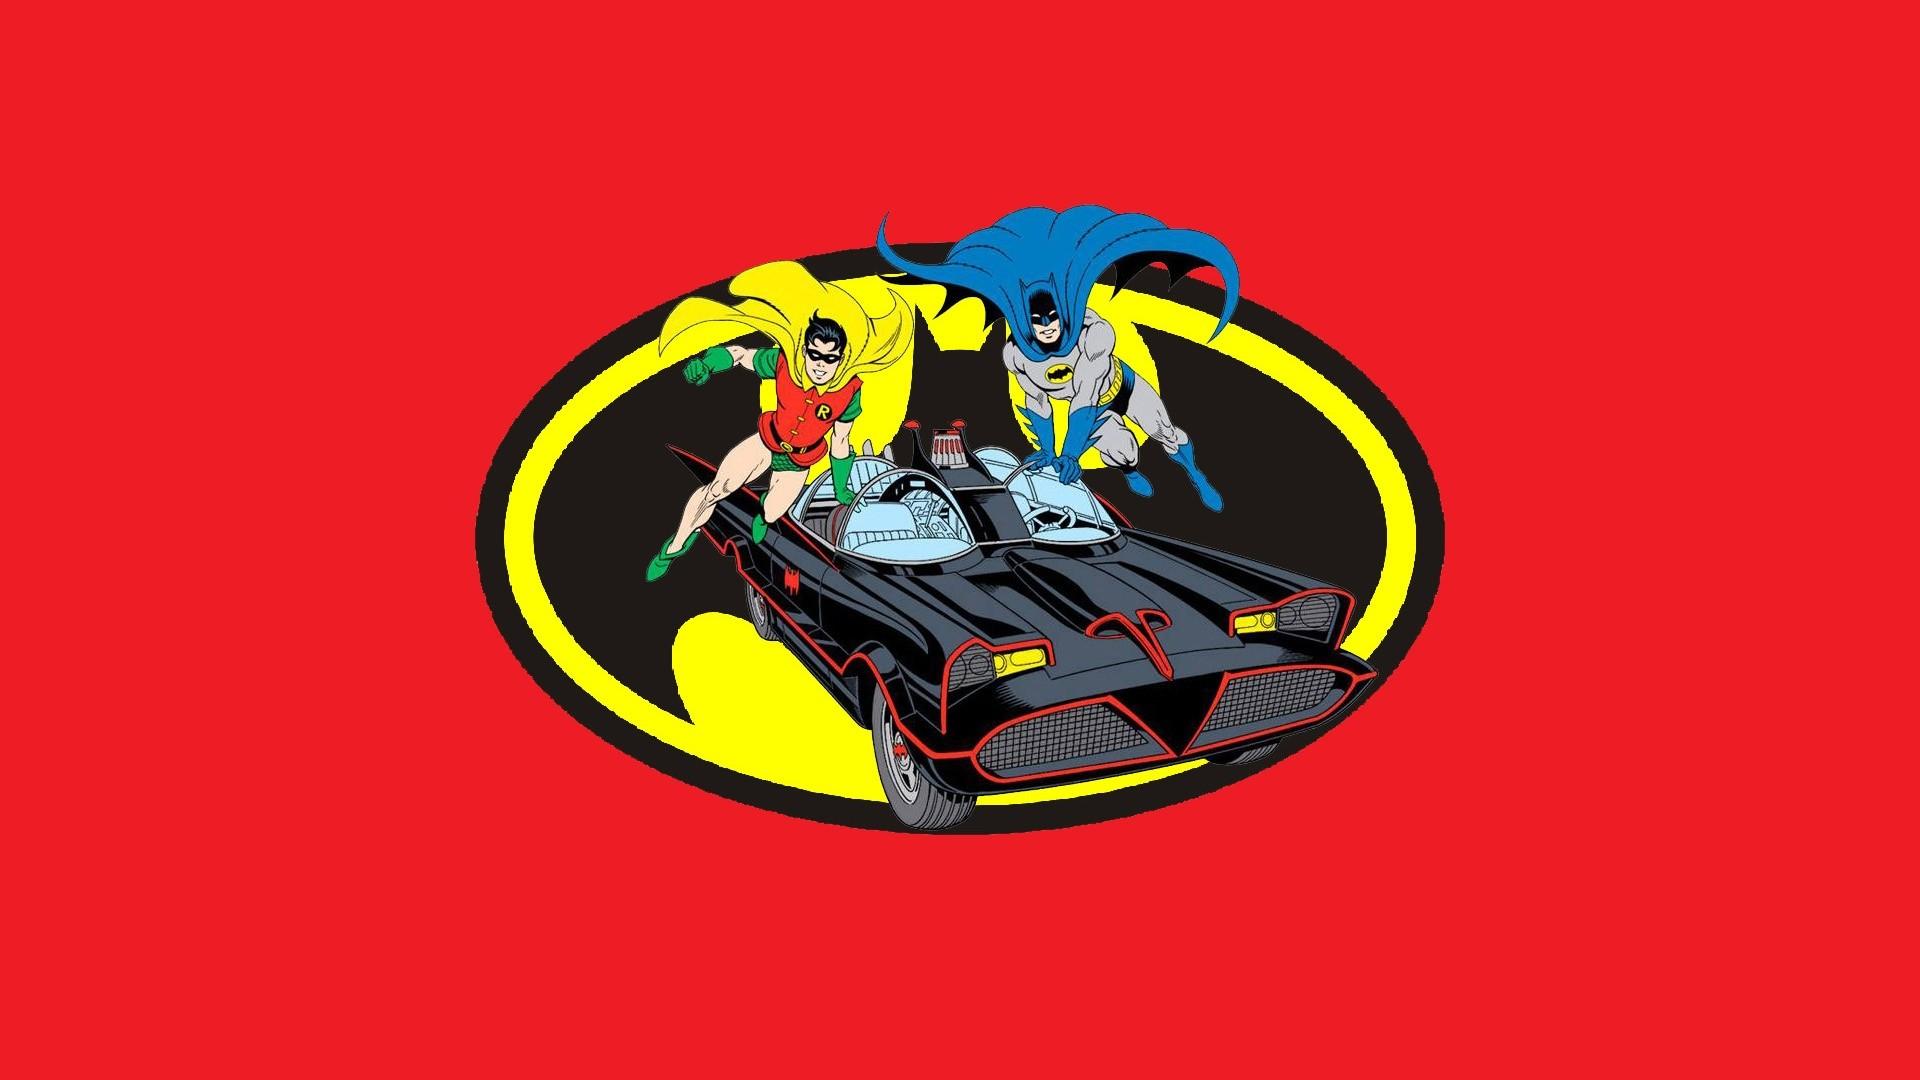 Comics – Batman & Robin Batman Robin Wallpaper